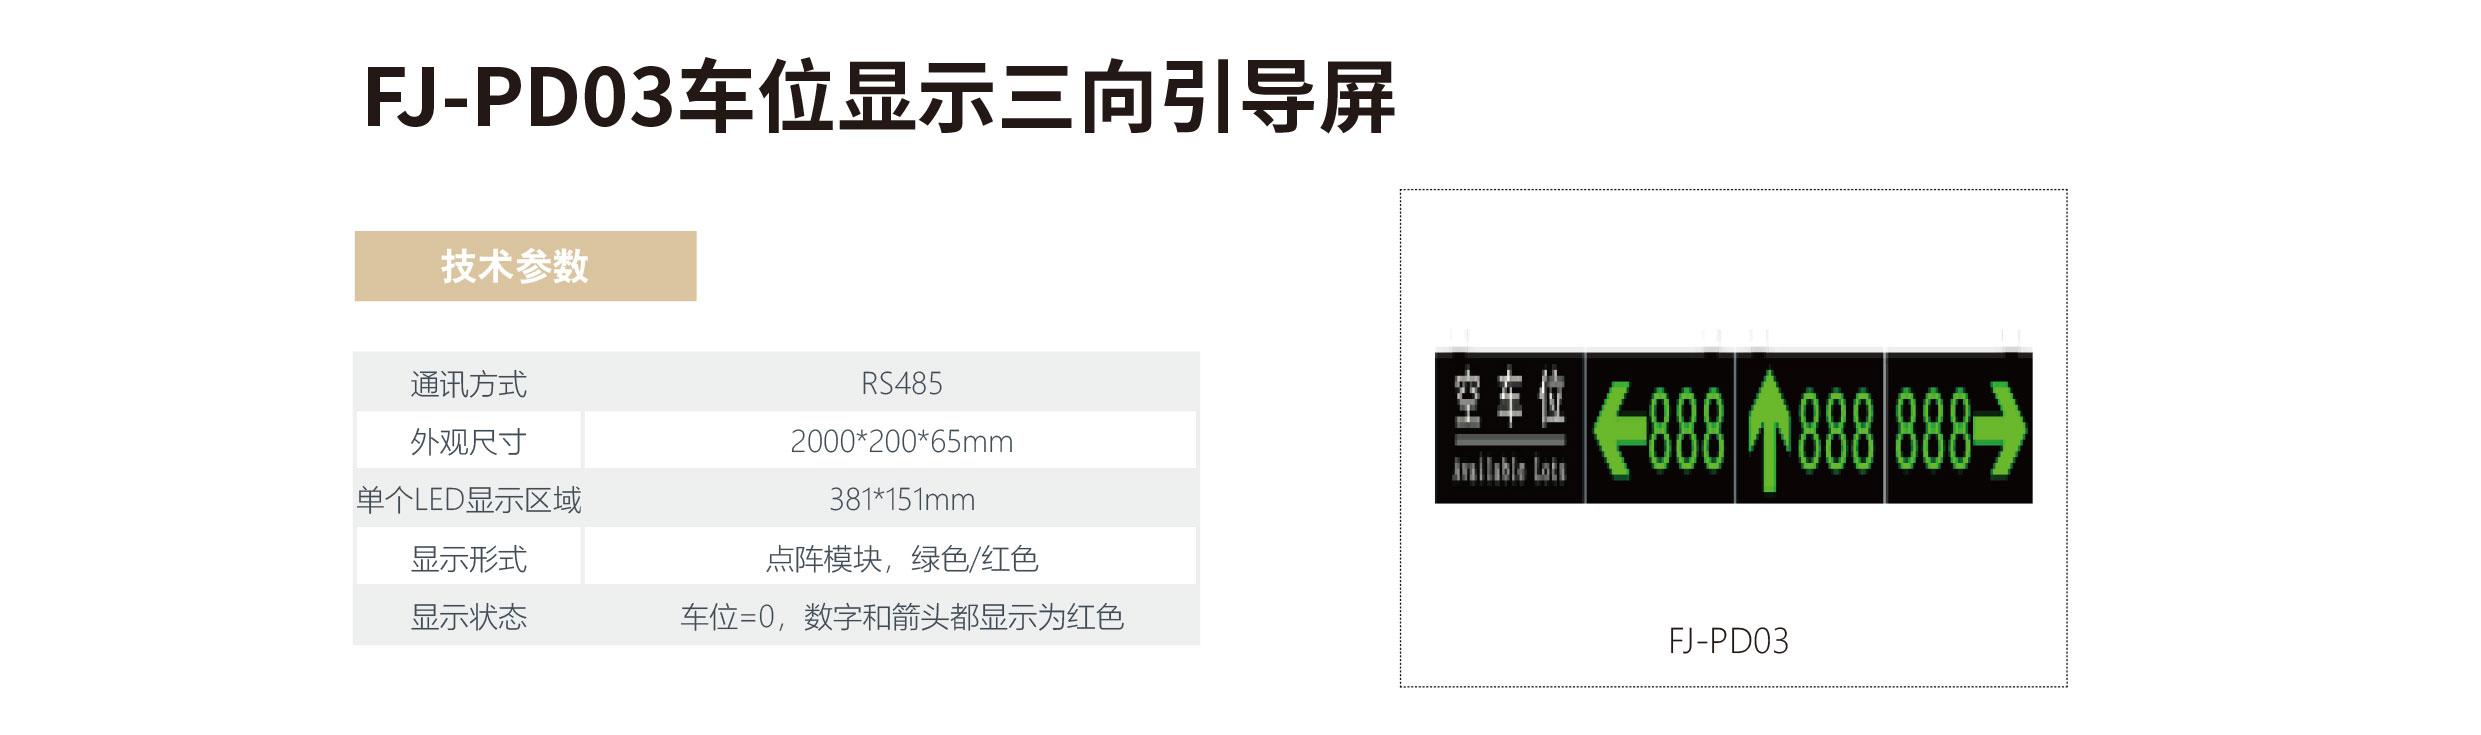 杭州富居数码科技有限公司最终稿-22_05.jpg